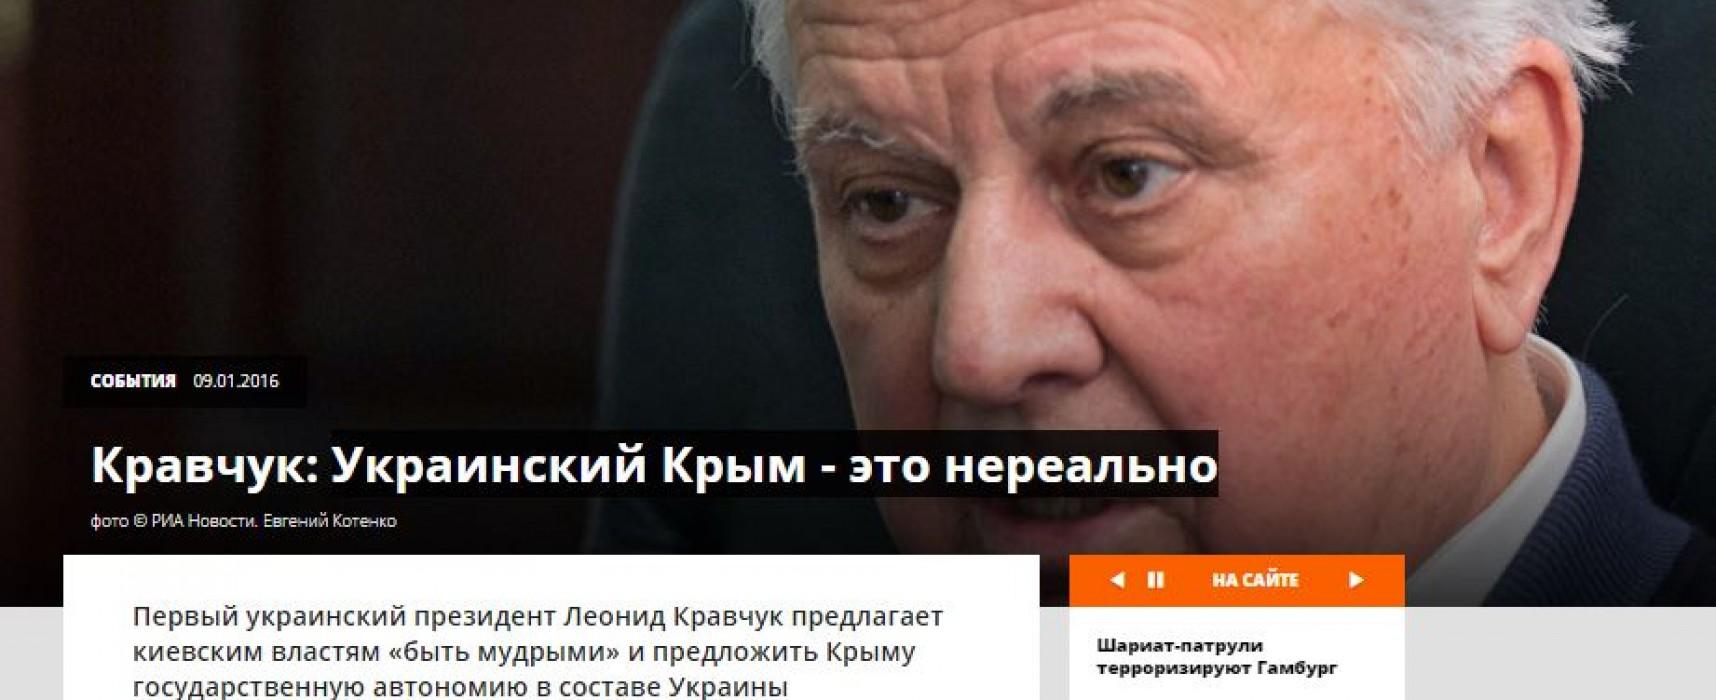 Фейк: Кравчук назвал украинский Крым нереальным